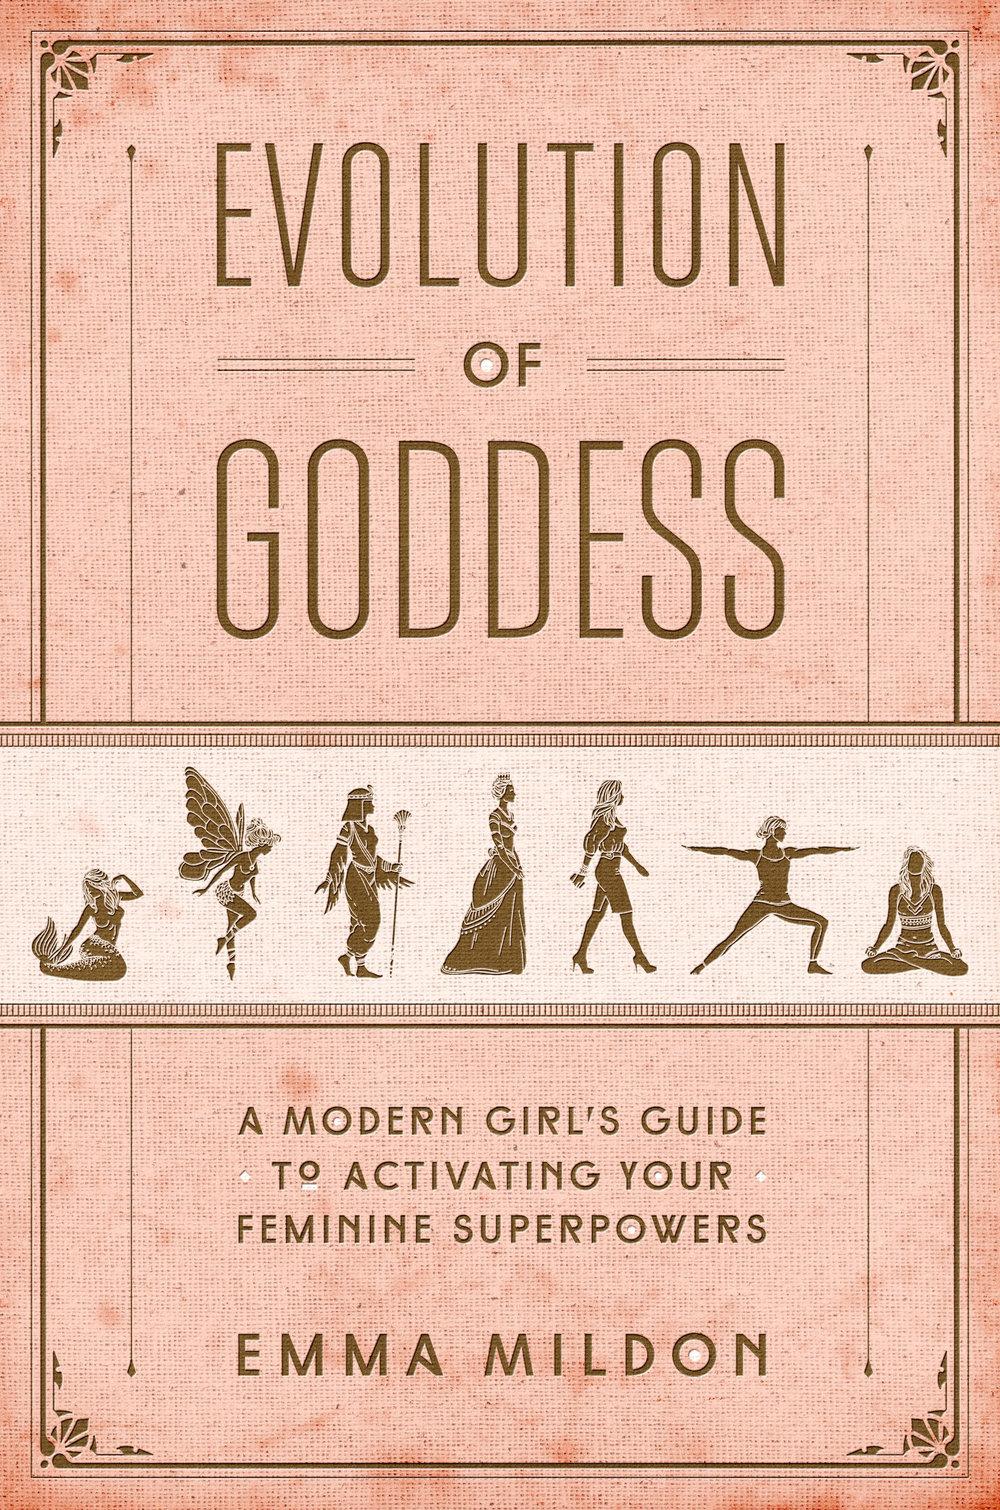 RG_EvolutionOfGoddess_Cover_11.29_v1 (1).jpg